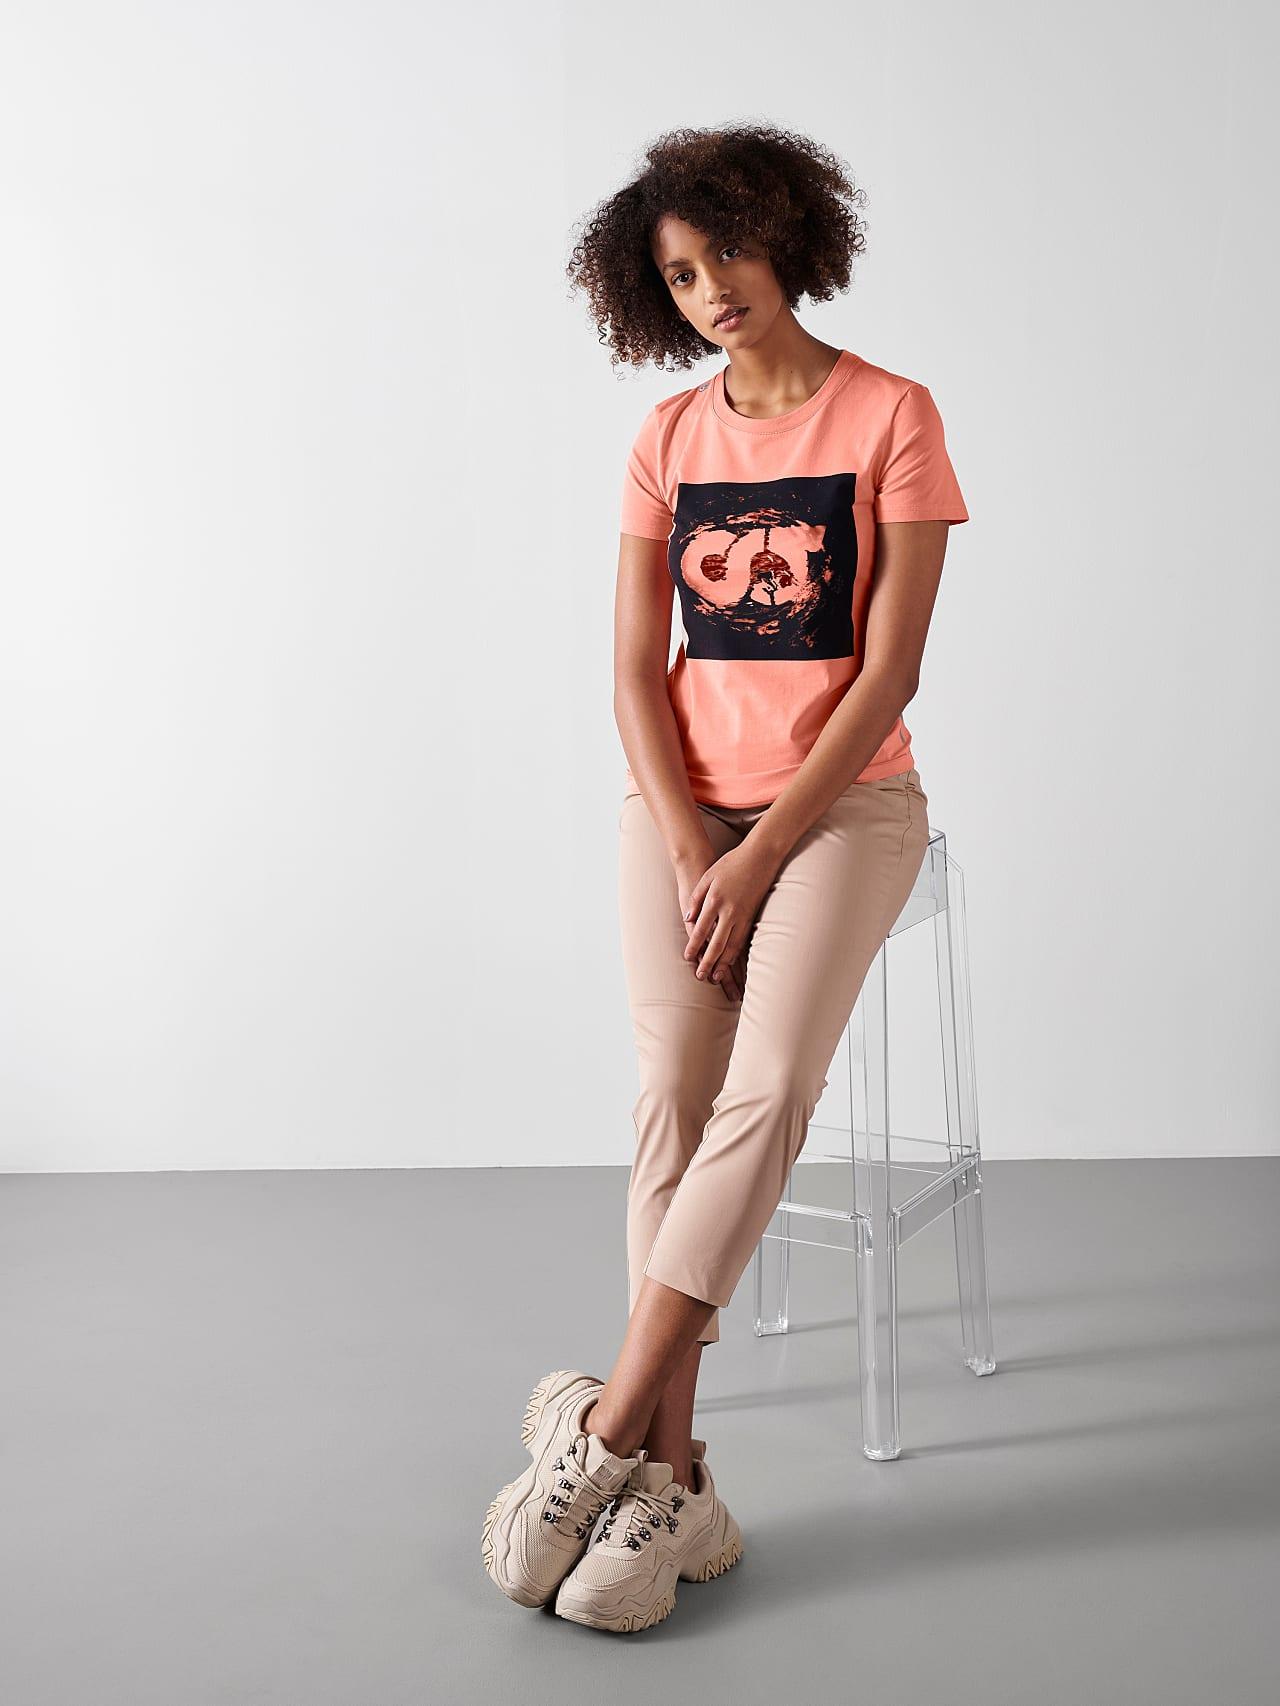 JALP V4.Y5.01 Cotton Logo T-Shirt coral Model shot Alpha Tauri